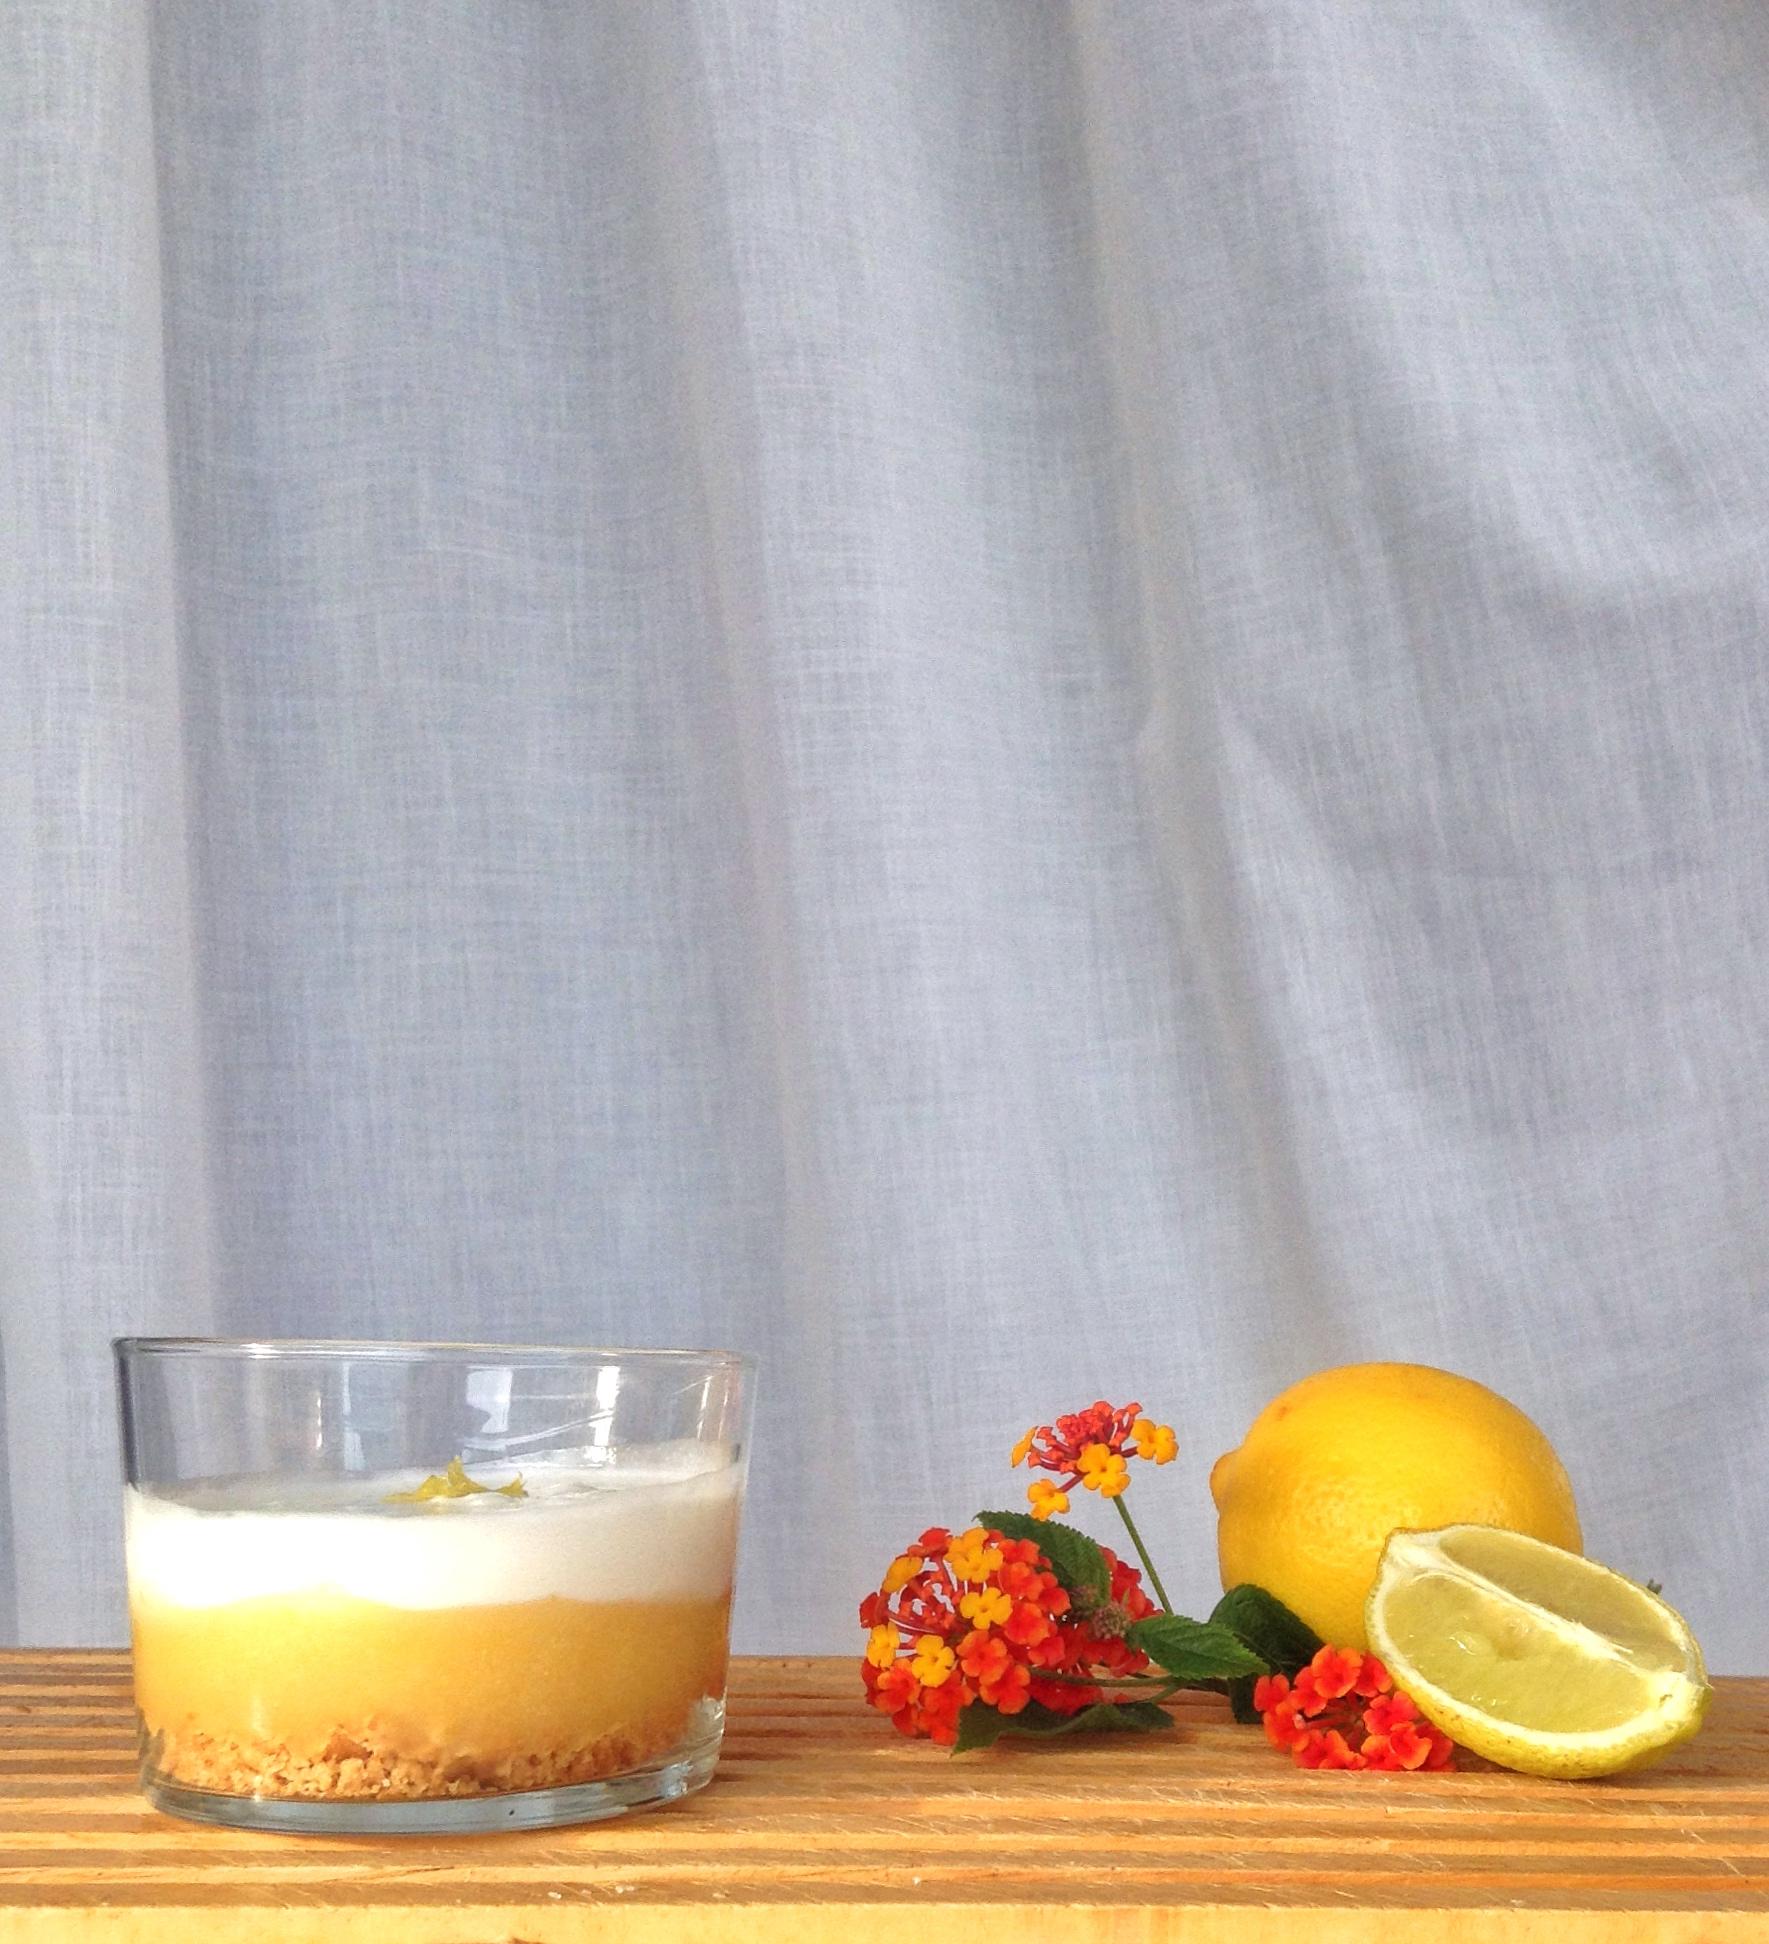 Delicias de limón en vaso